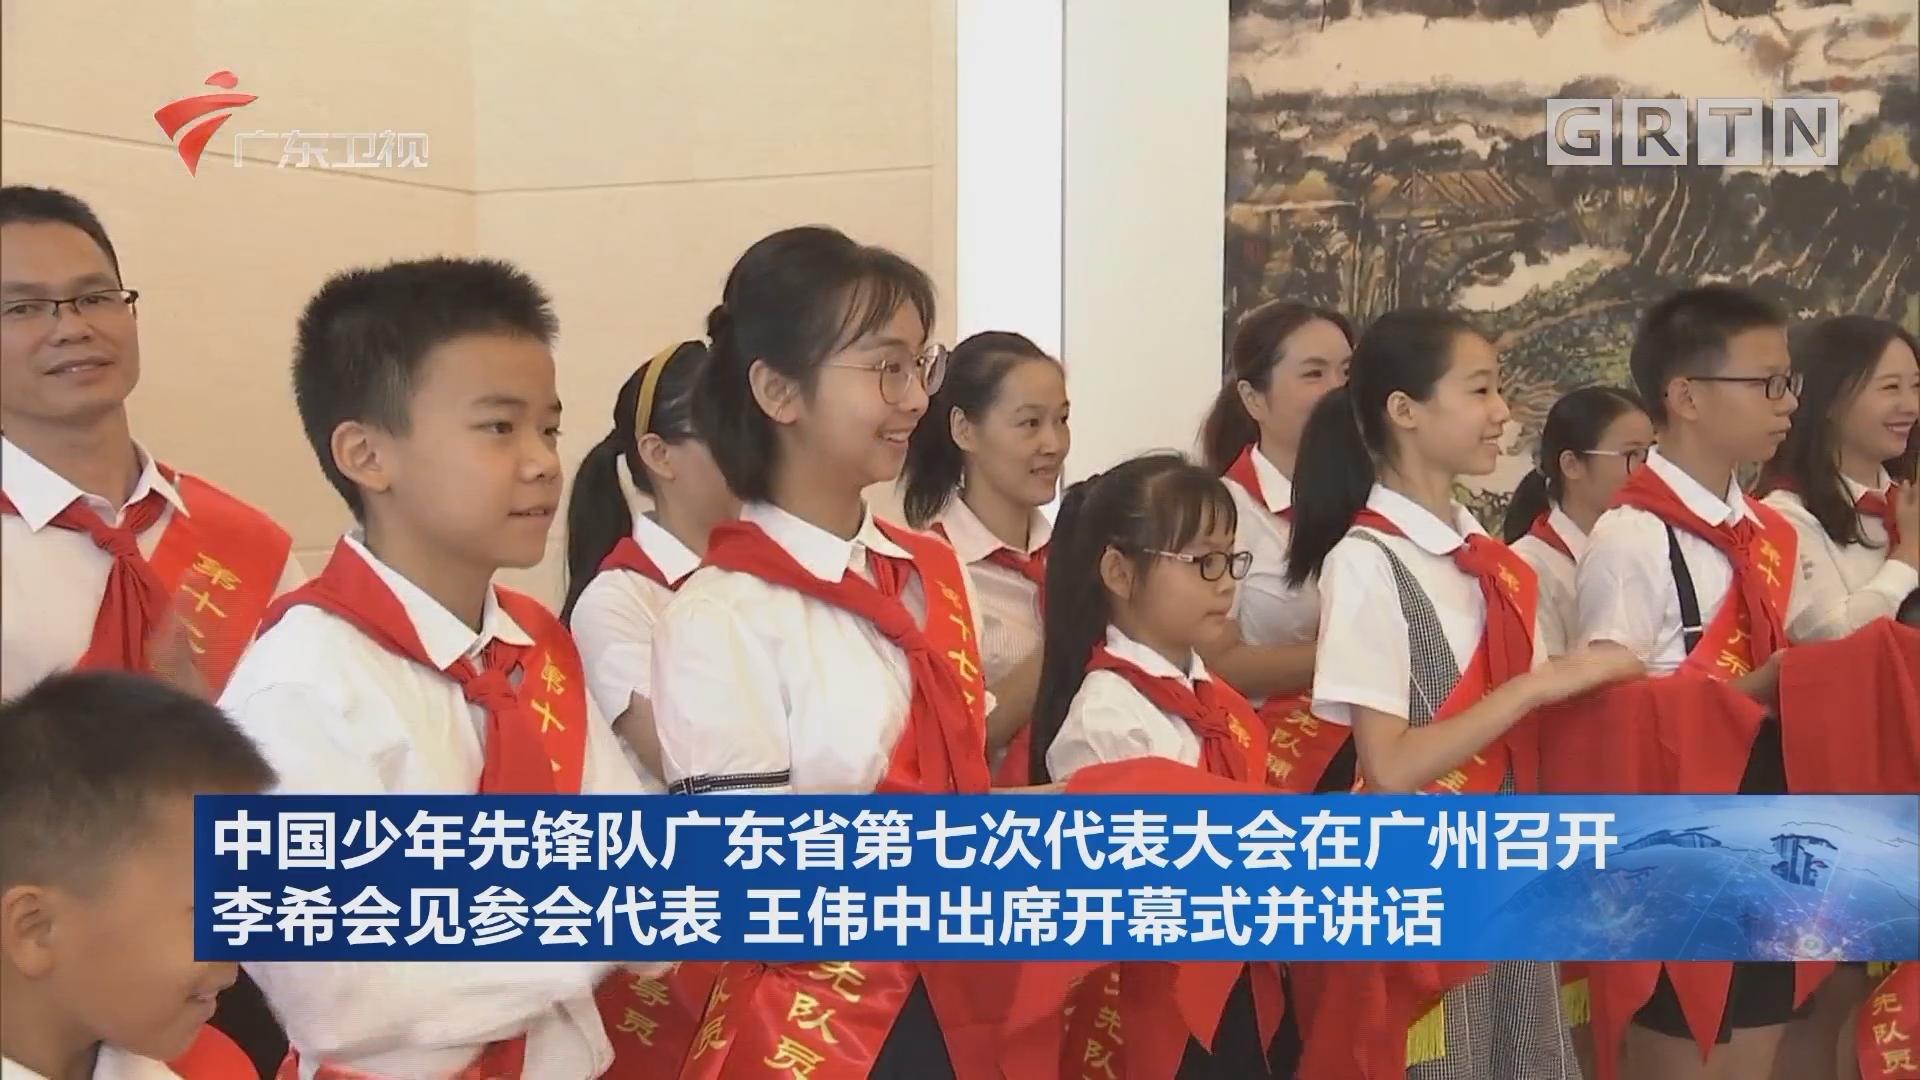 中国少年先锋队广东省第七次代表大会在广州召开 李希会见参会代表 王伟中出席开幕式并讲话